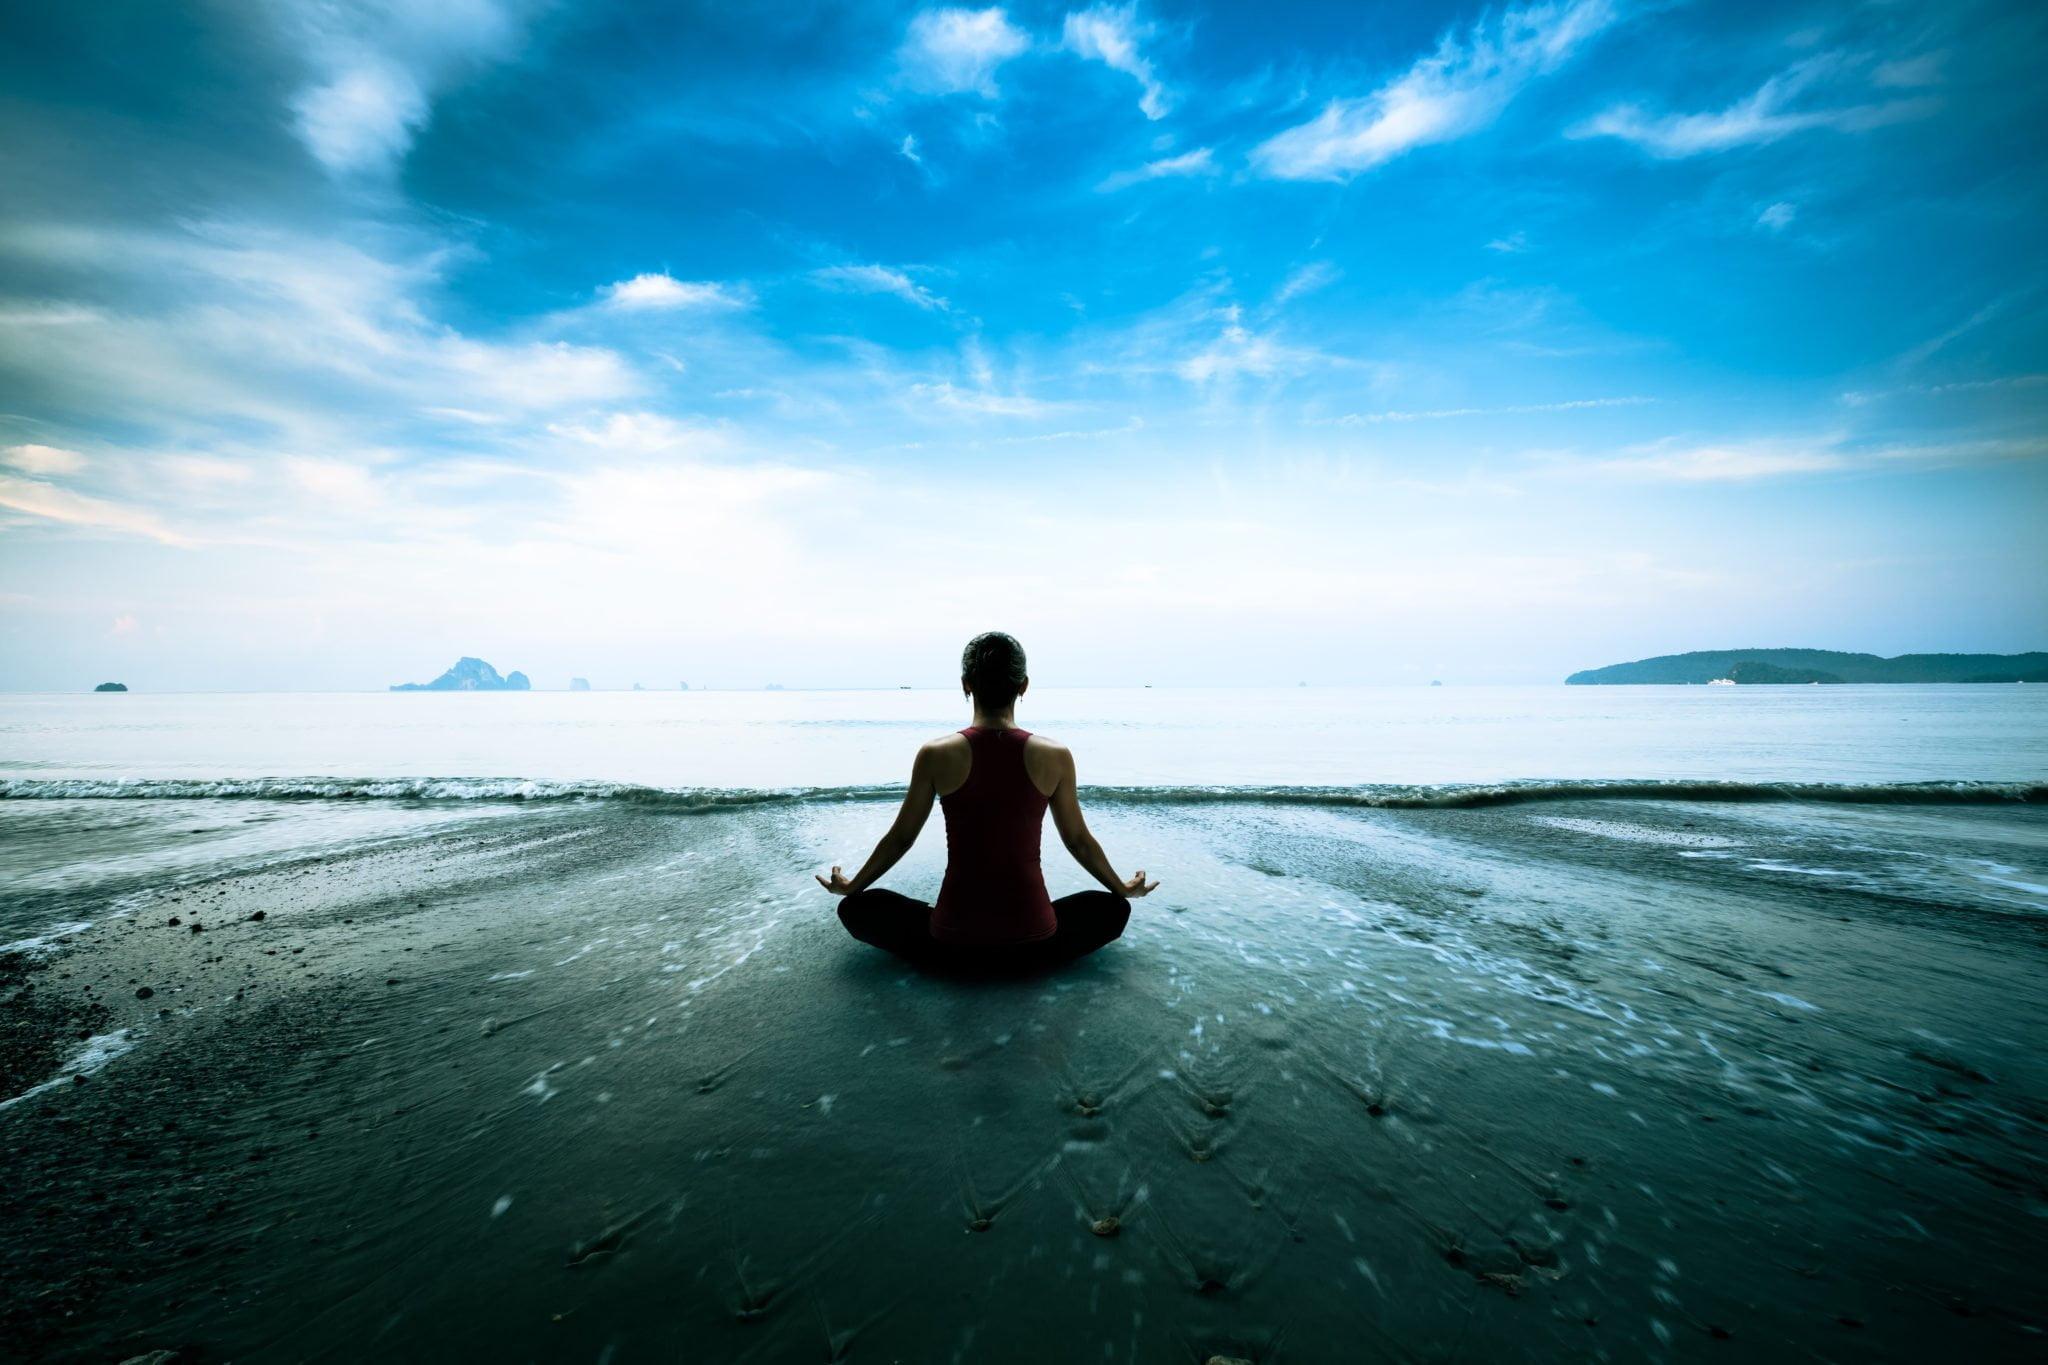 冥想怎会有用?